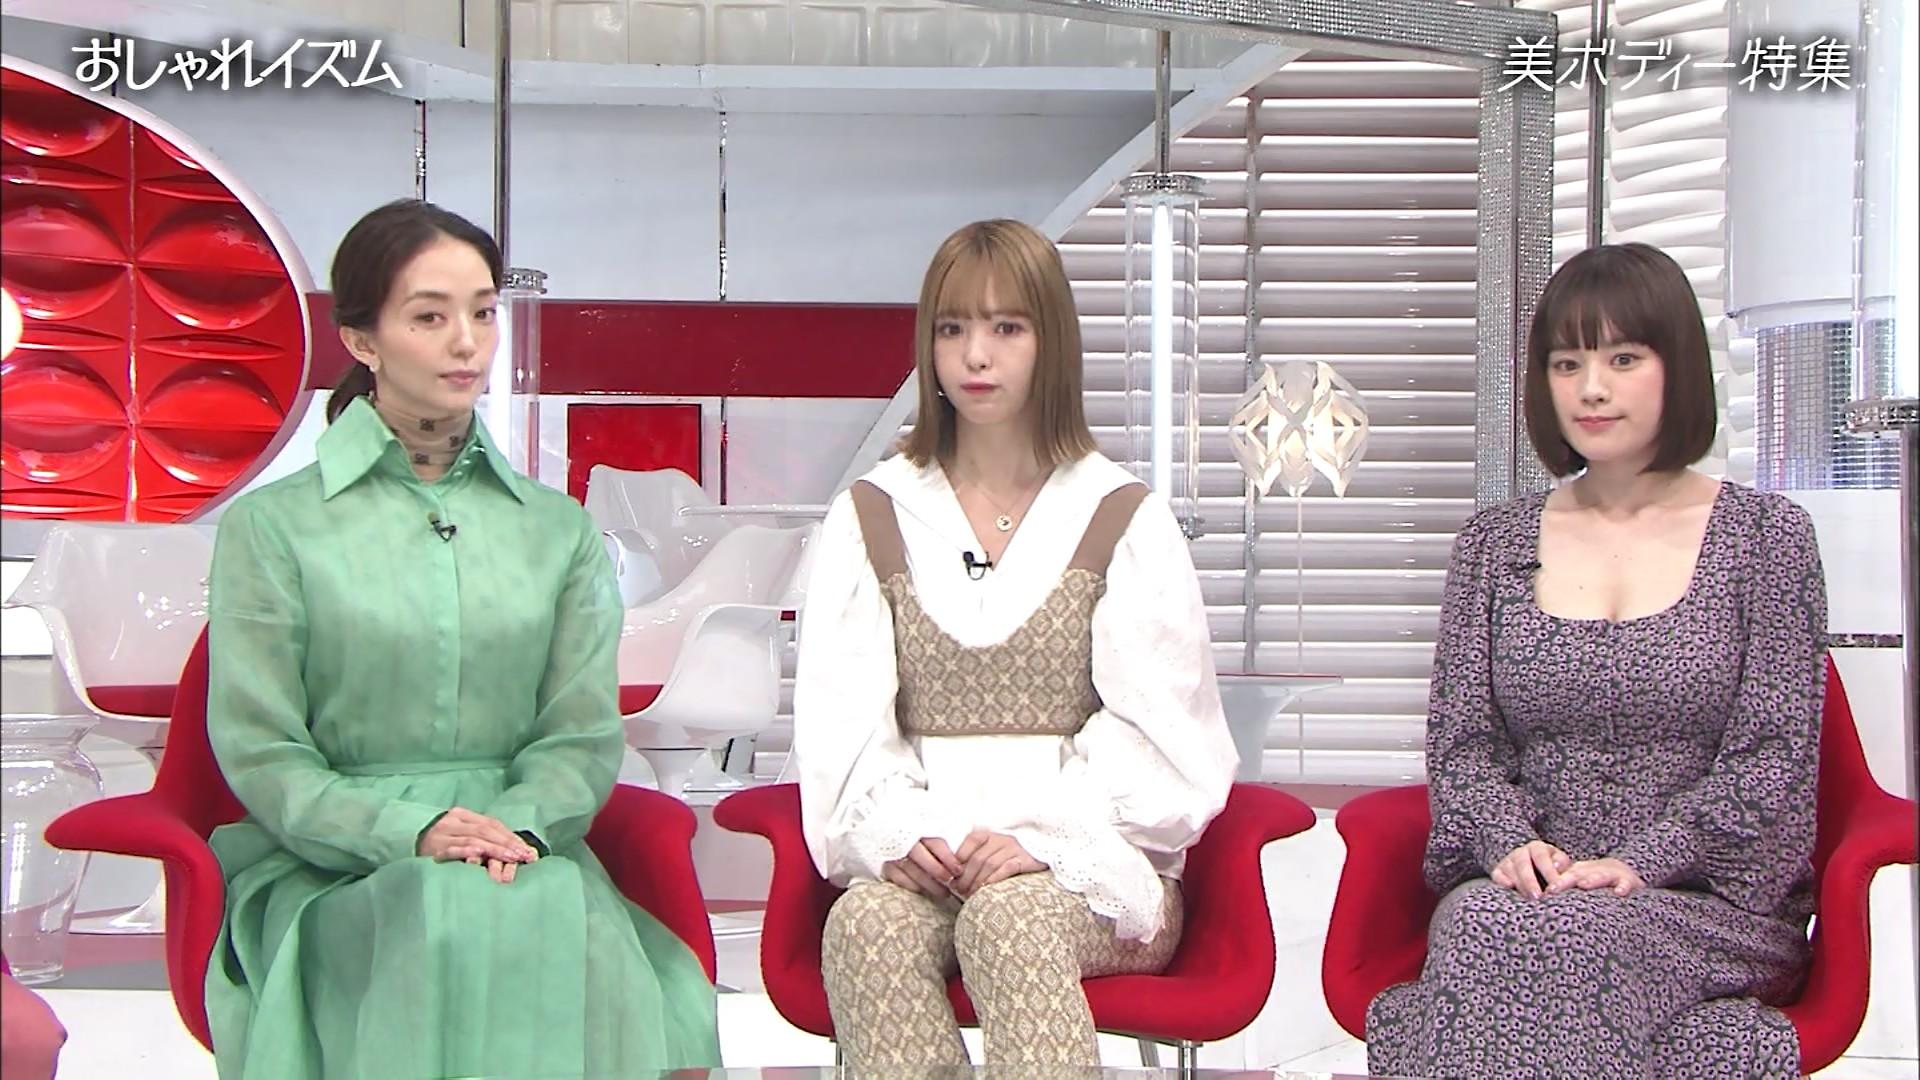 【画像】筧美和子、テレビ番組に下品な格好で出演し雰囲気をぶち壊してしまう…w